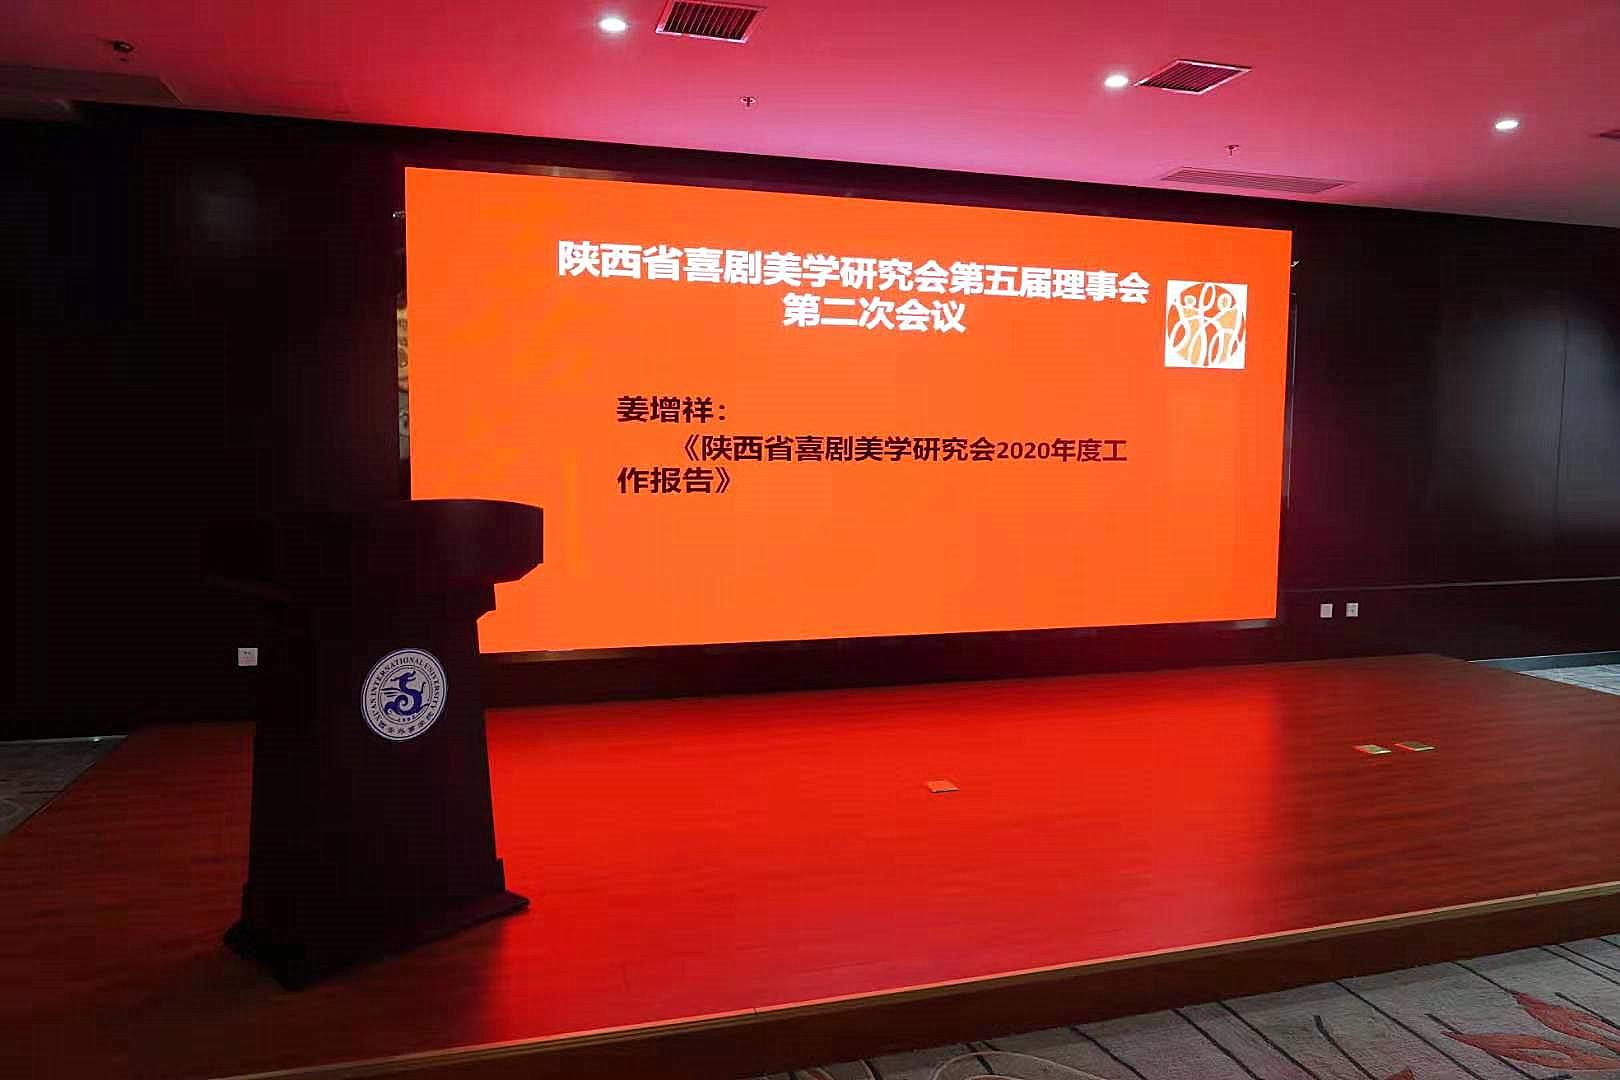 推进喜剧美学学科建设,第五届陕西省喜剧美学理论研讨会举办